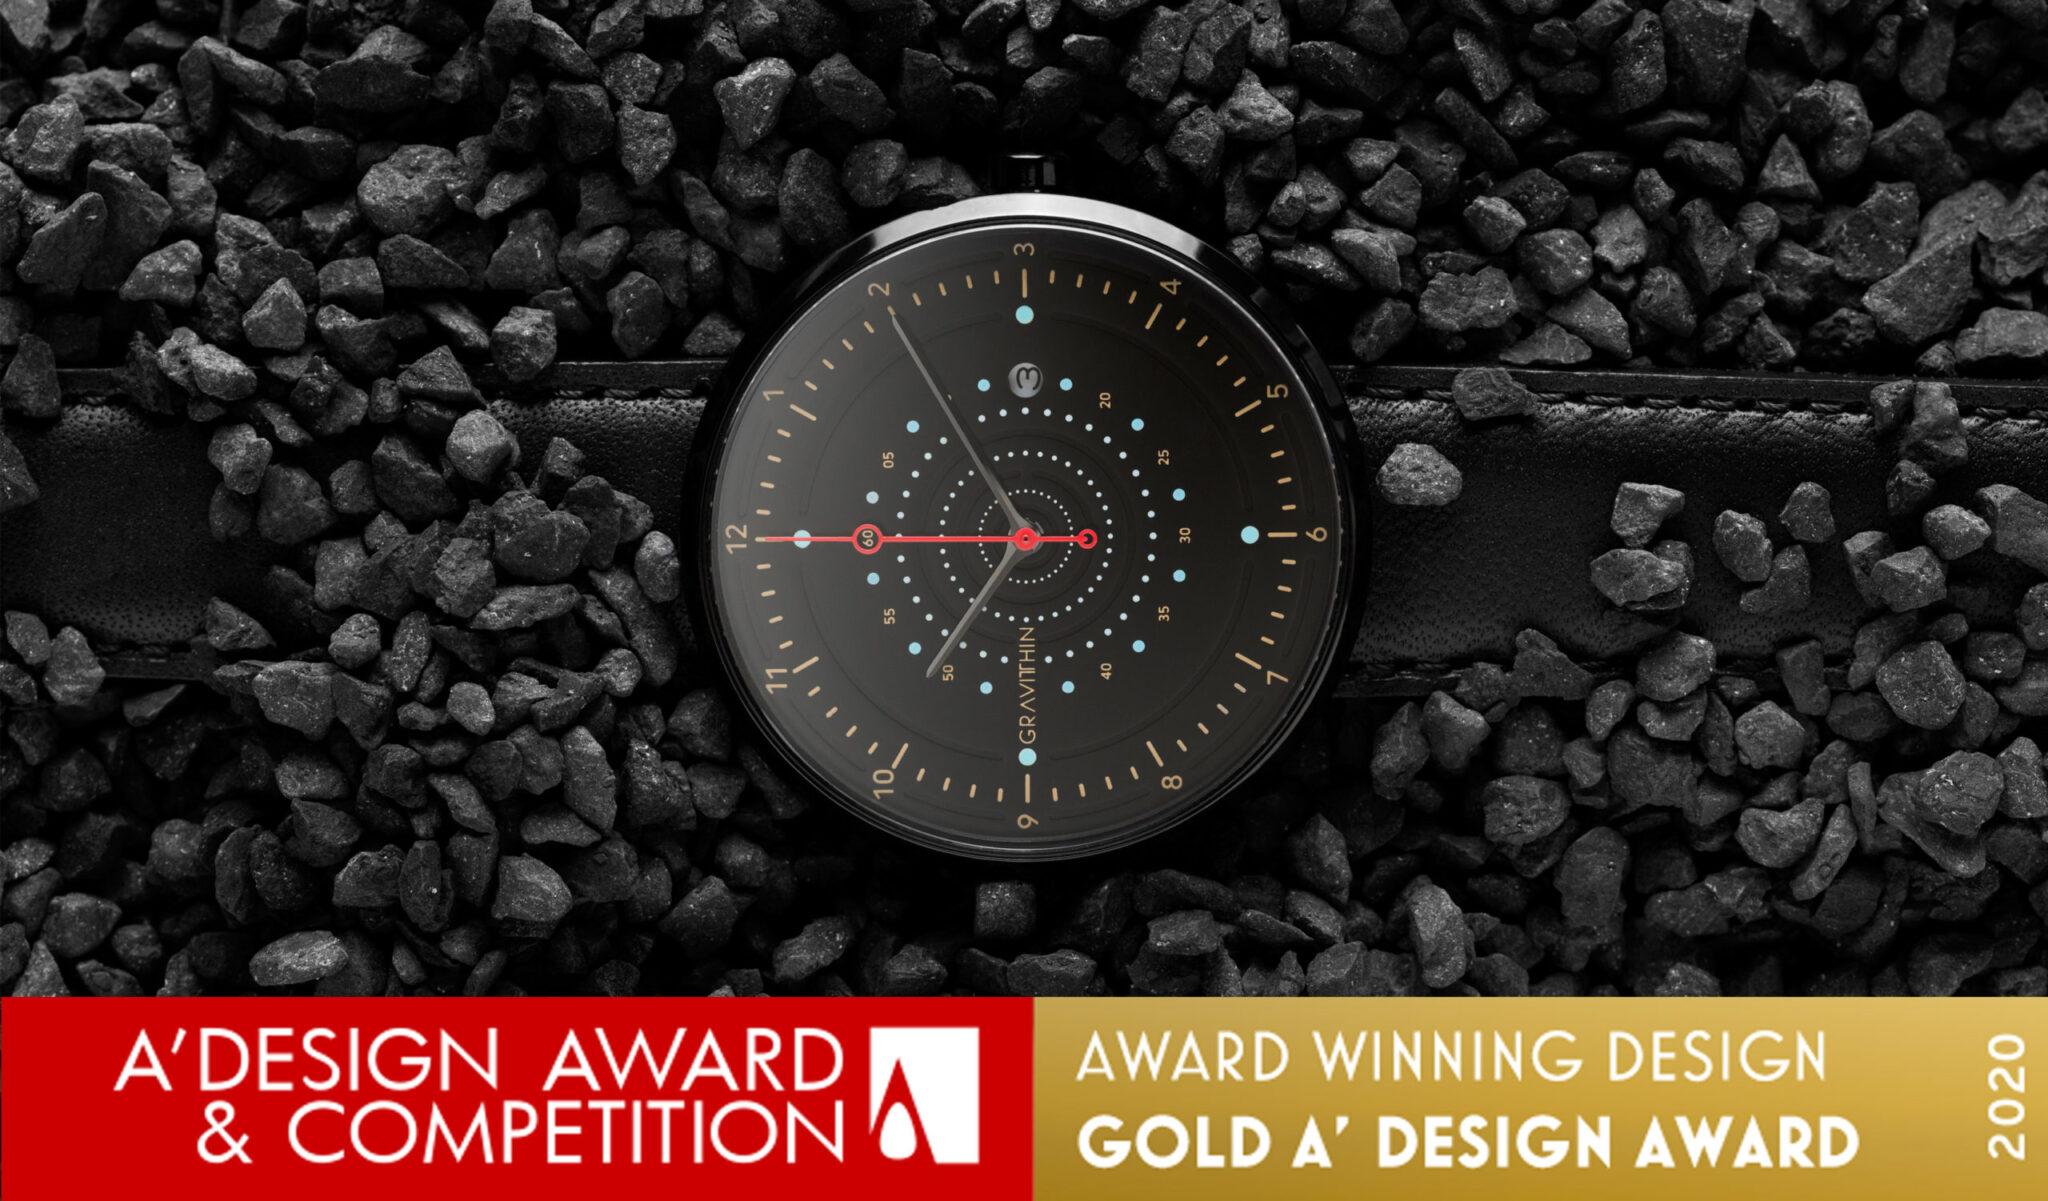 Argo Wins the GOLDEN A'DESIGN AWARD 2020